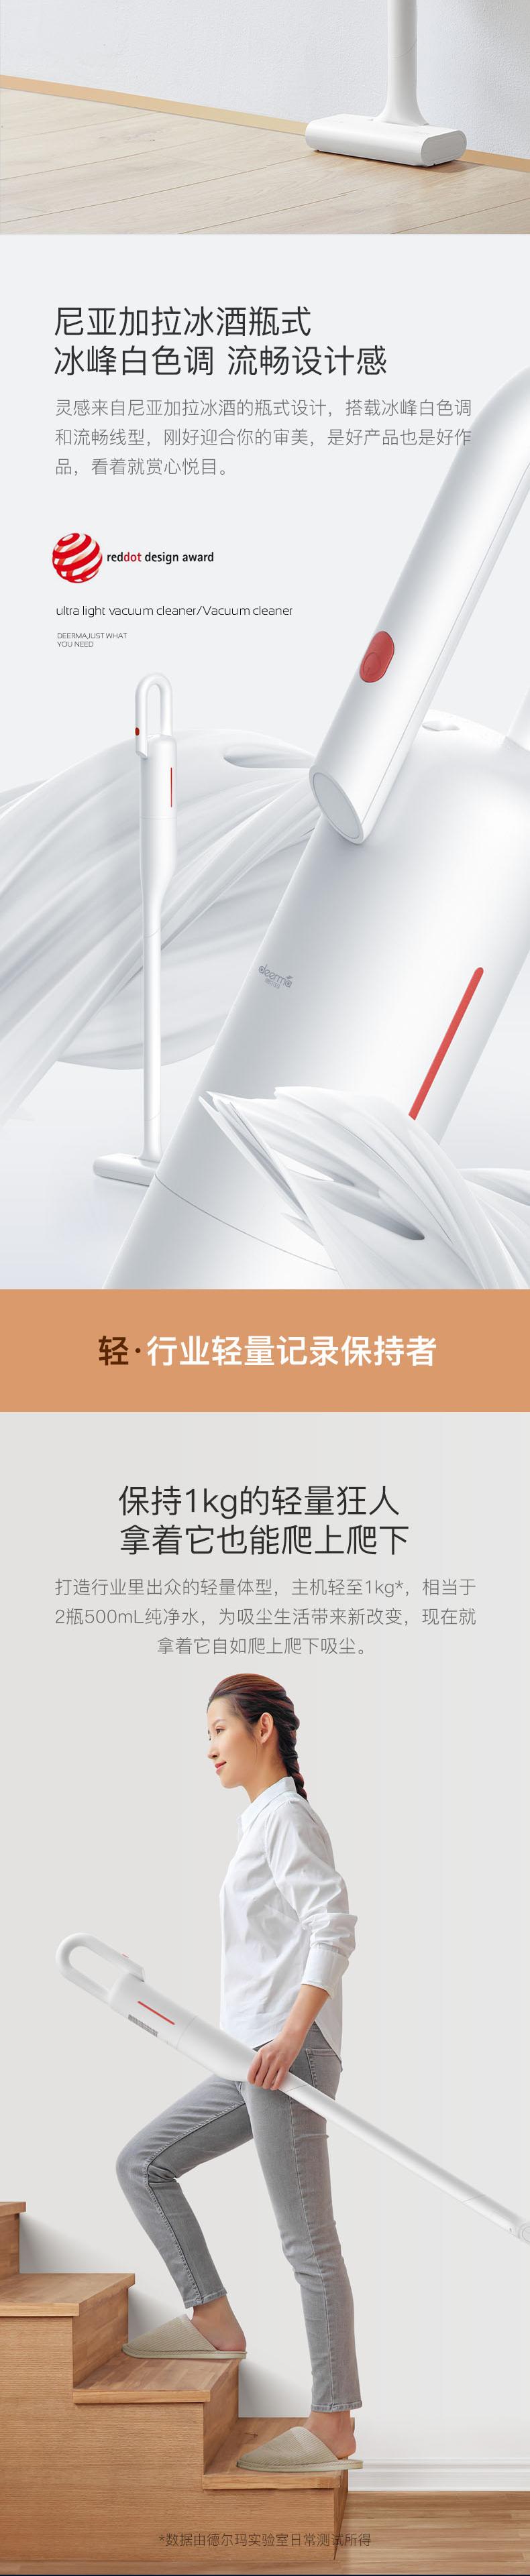 小米生态链 德尔玛 红点奖 强力无线吸尘器 图3